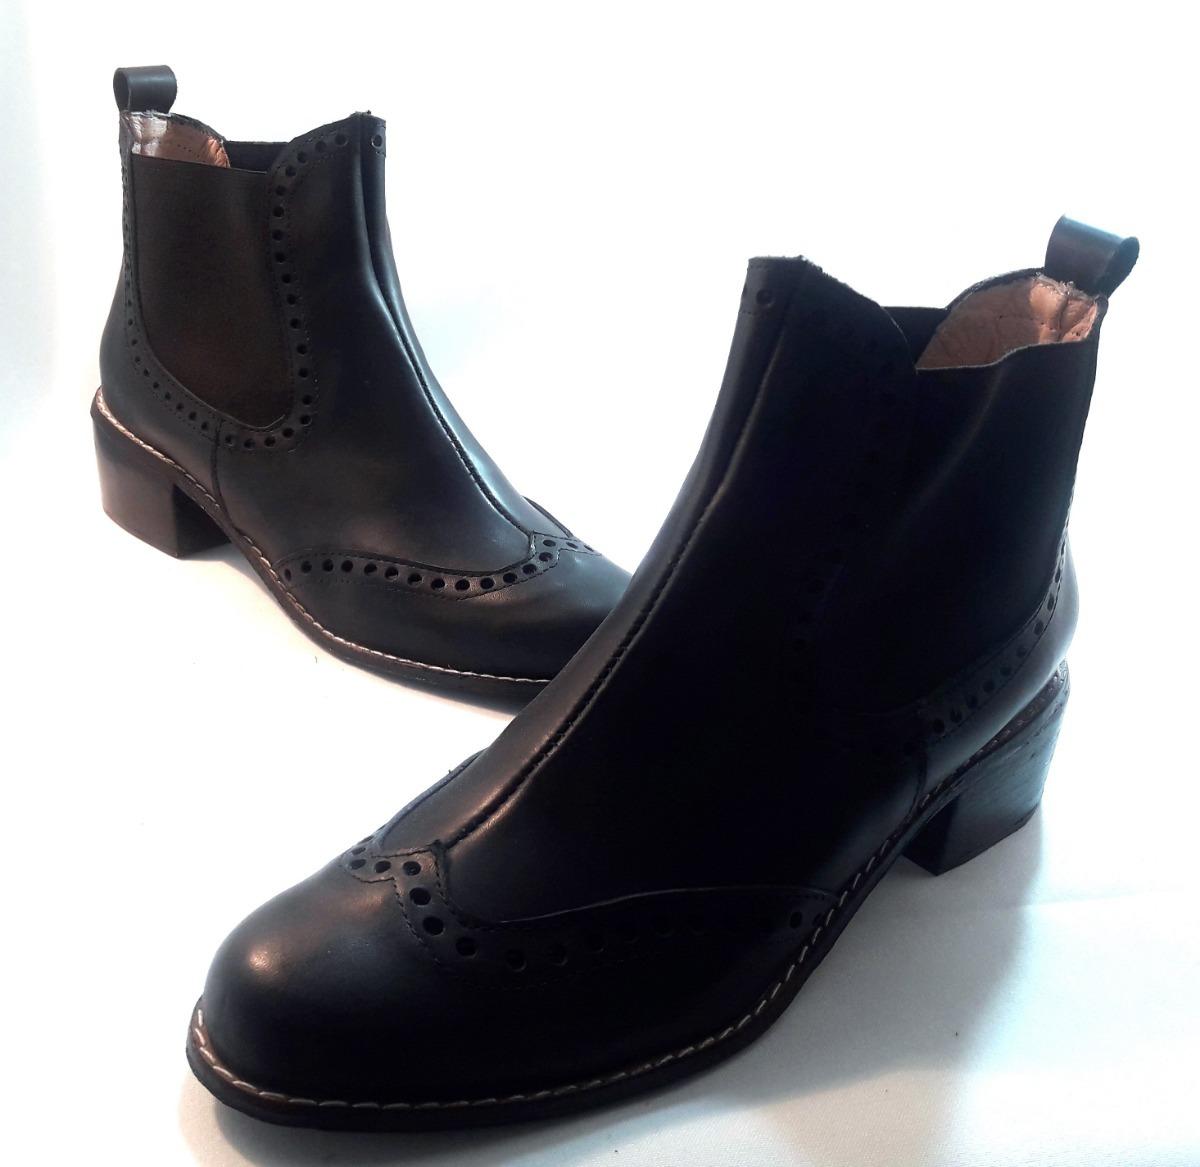 00914e3da sam123 botas cortas oferta unicos talle grande 15p negra. Cargando zoom.